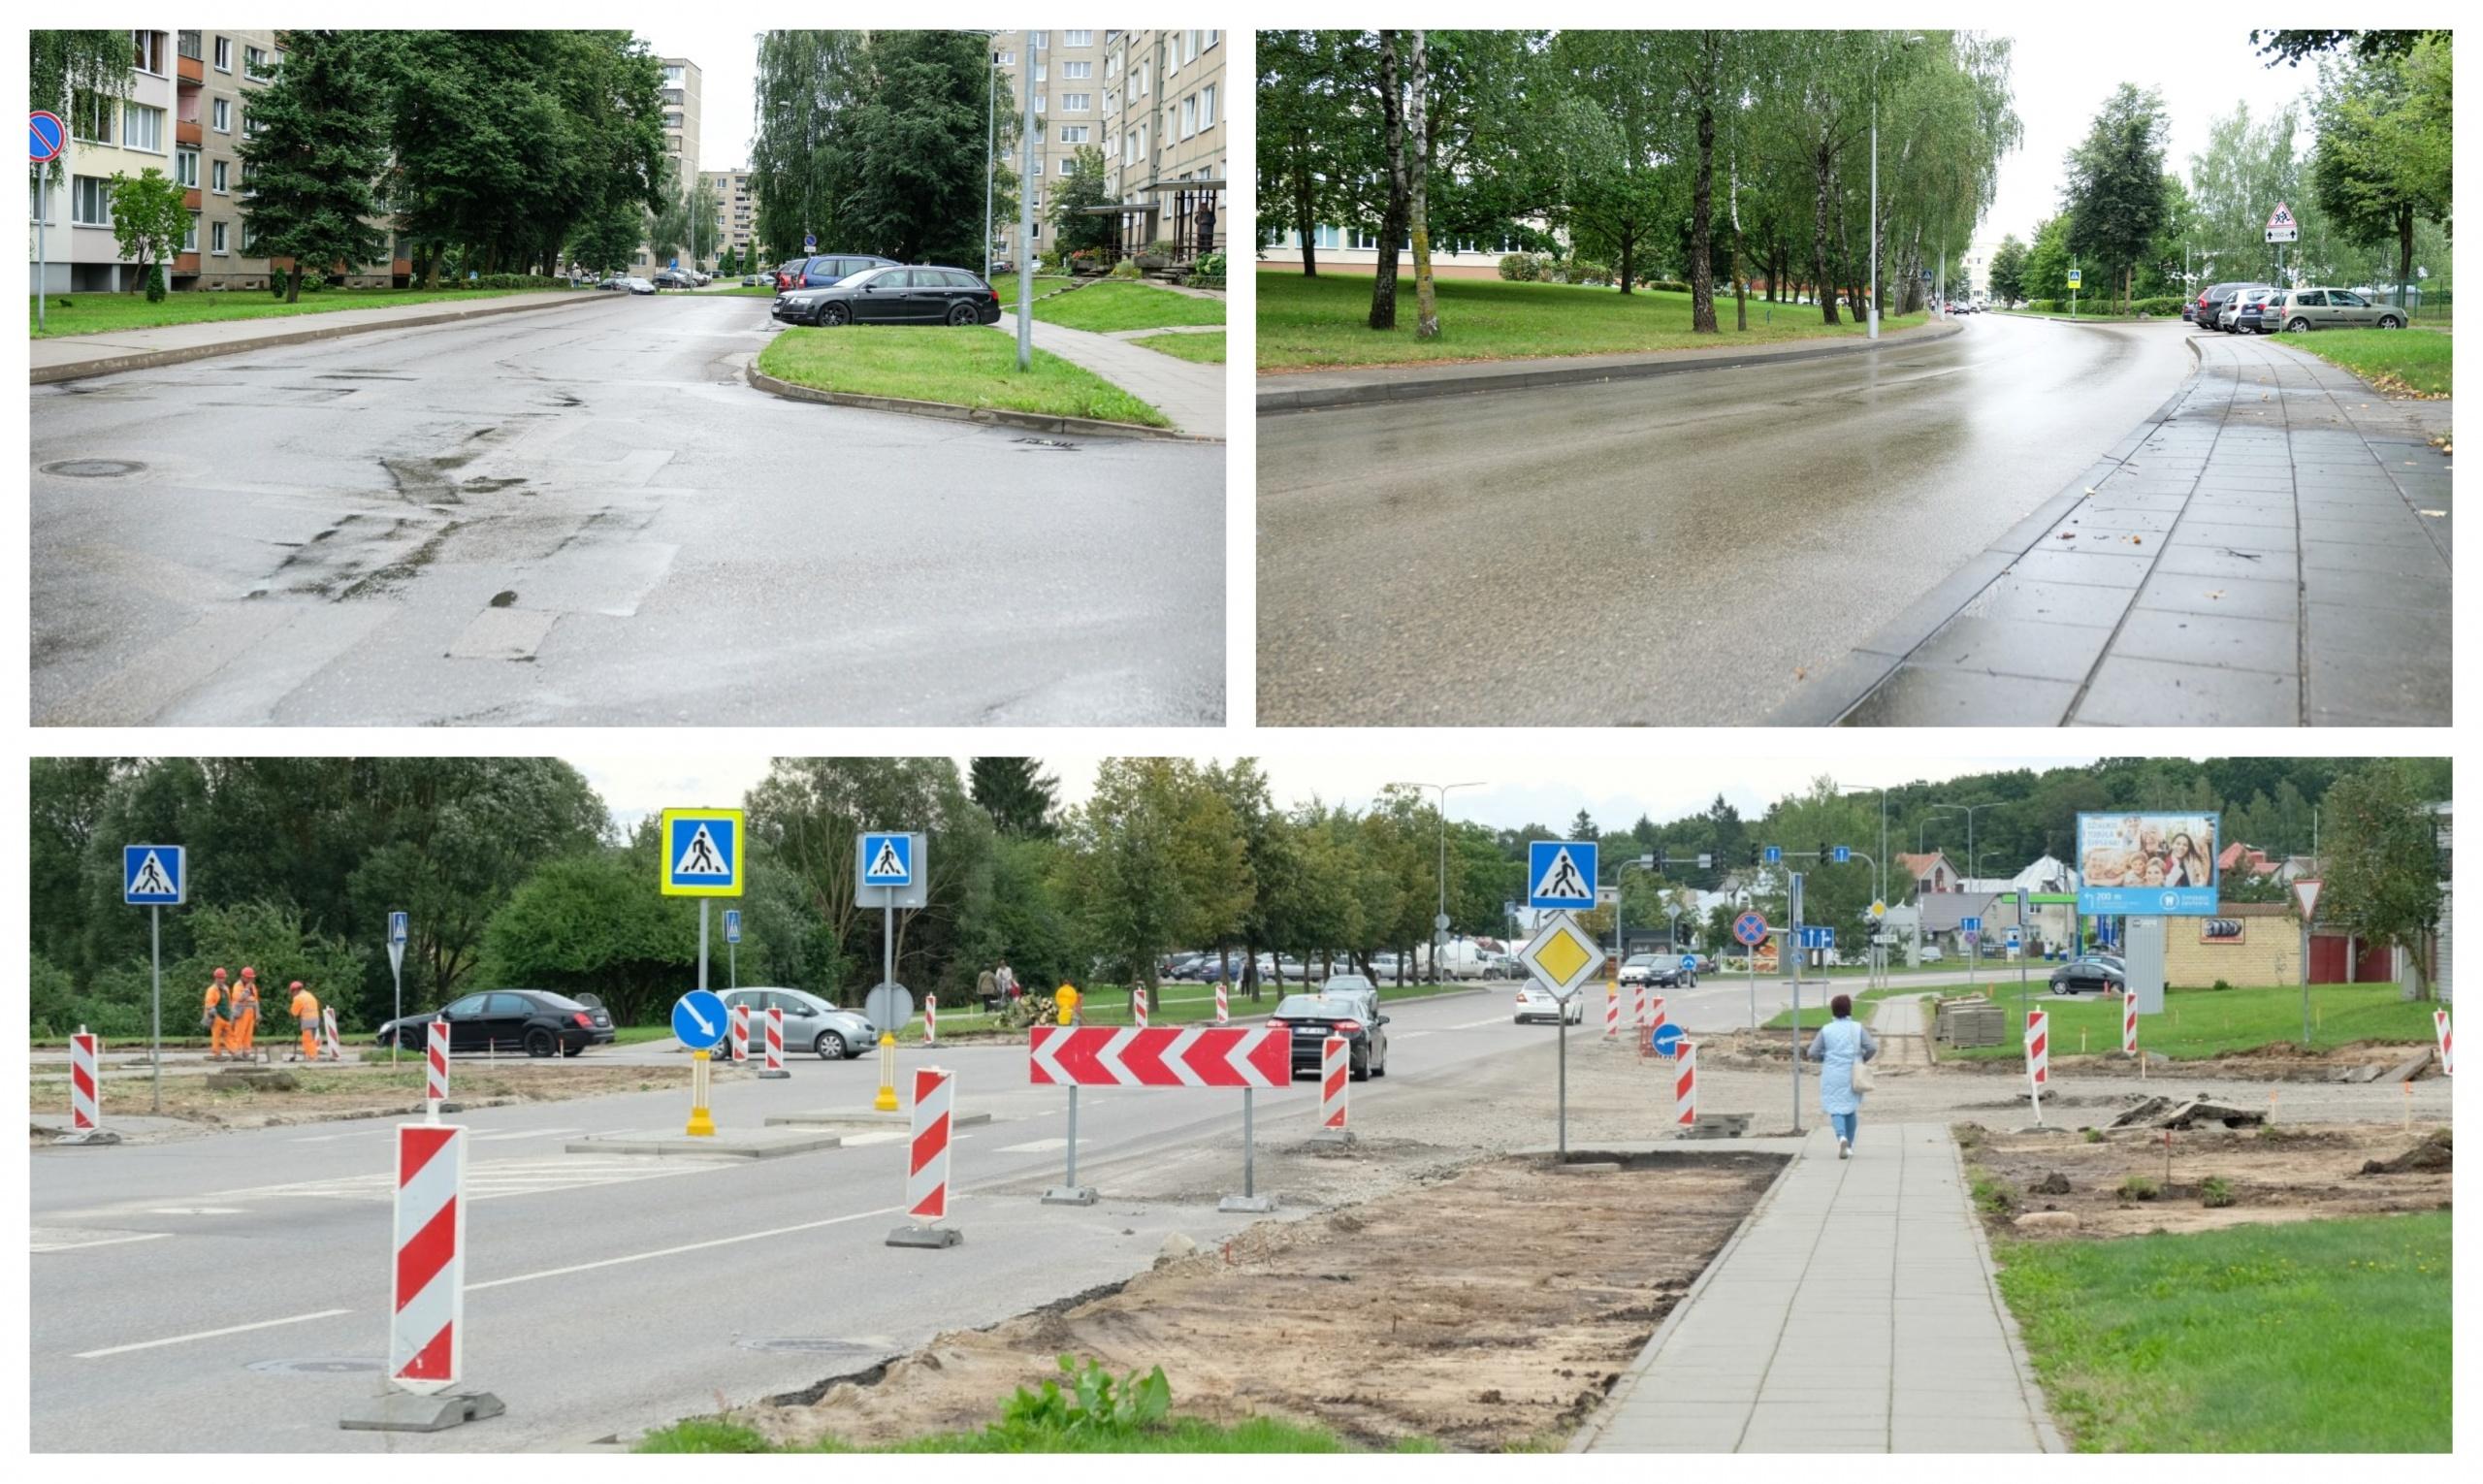 Vairuotojai, būkite atidūs: Alytaus gatvėse – pokyčiai 1